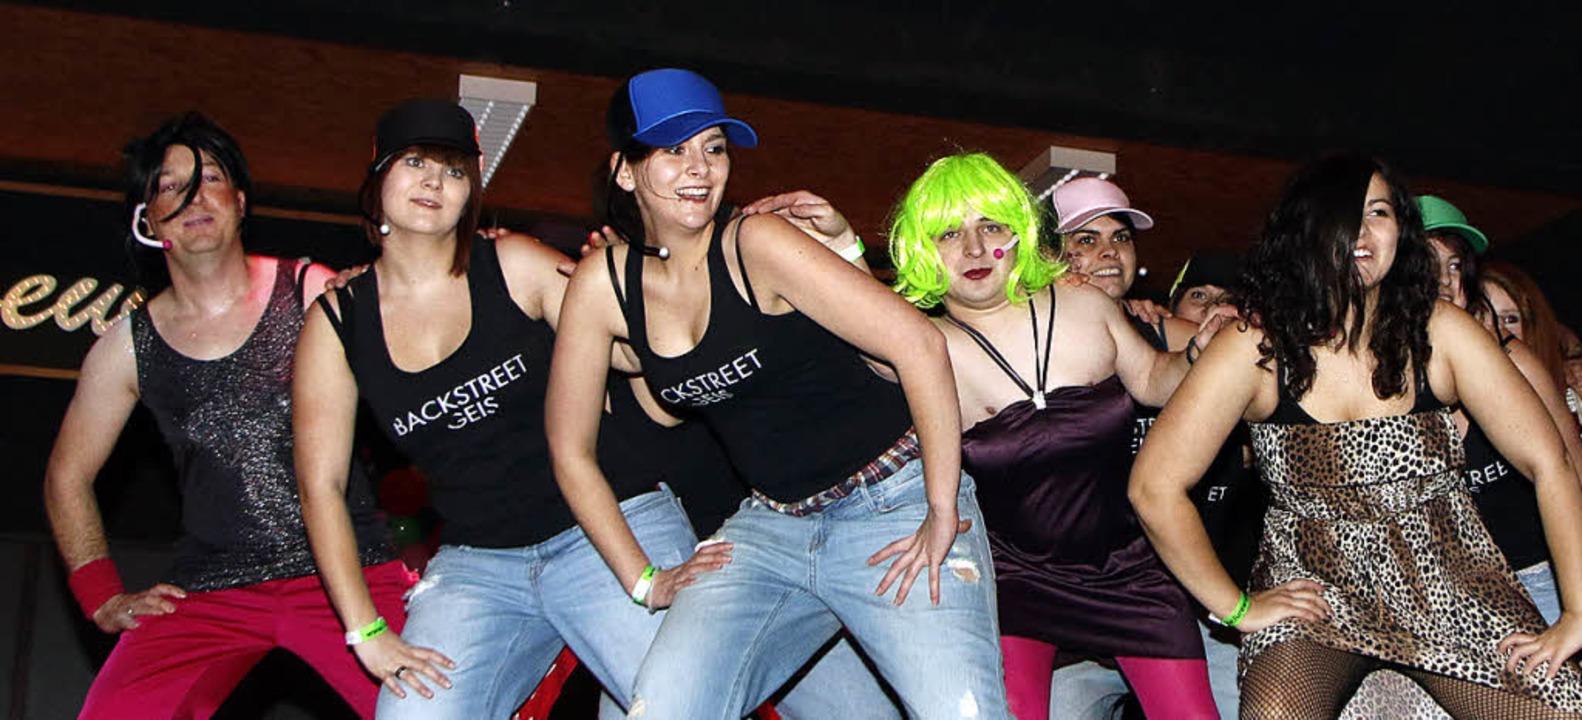 Musik, Tanz und gute Laune: Beim Zunftabend ging's rund.  | Foto: Heidi Foessel